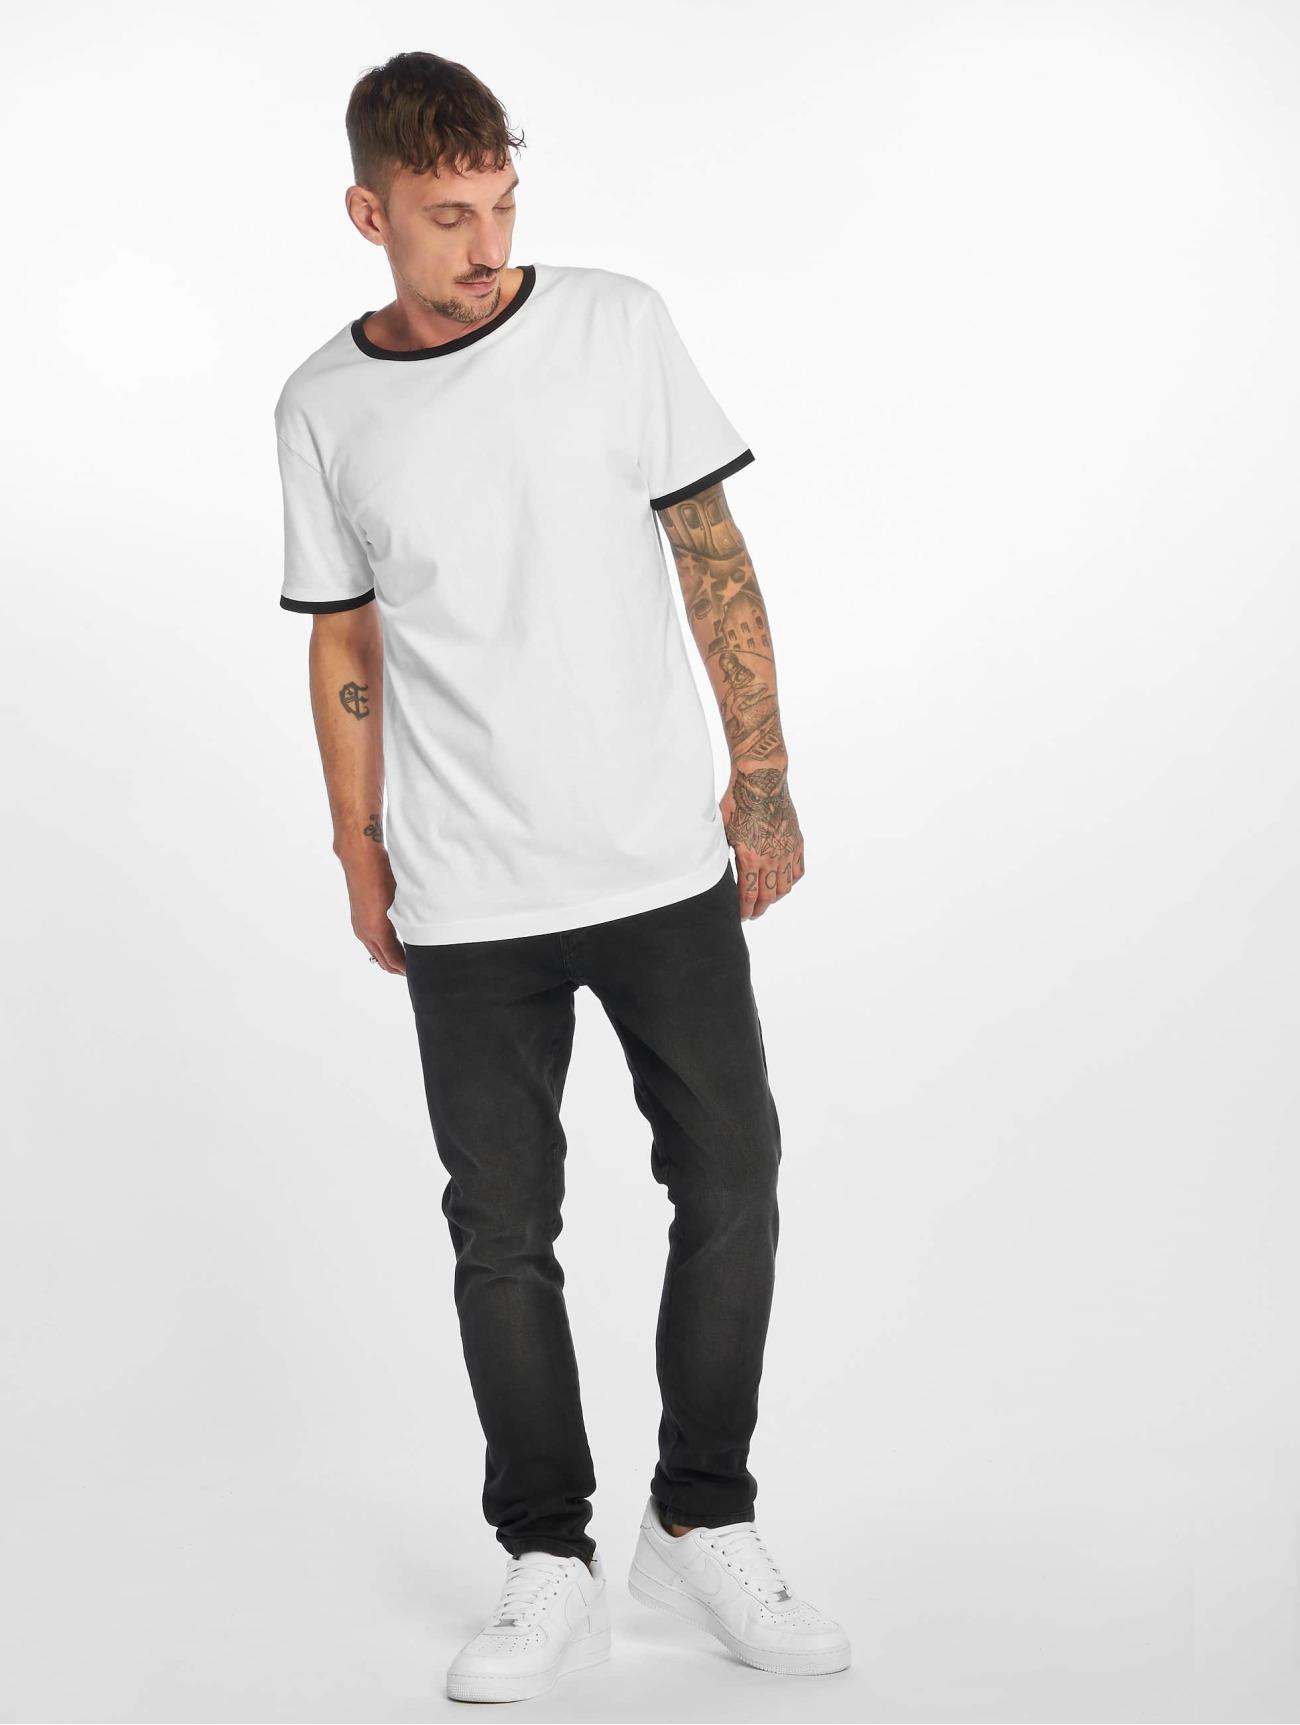 DEF Jeans / Slim Fit Jeans Kurt i svart 657881 Män Jeans